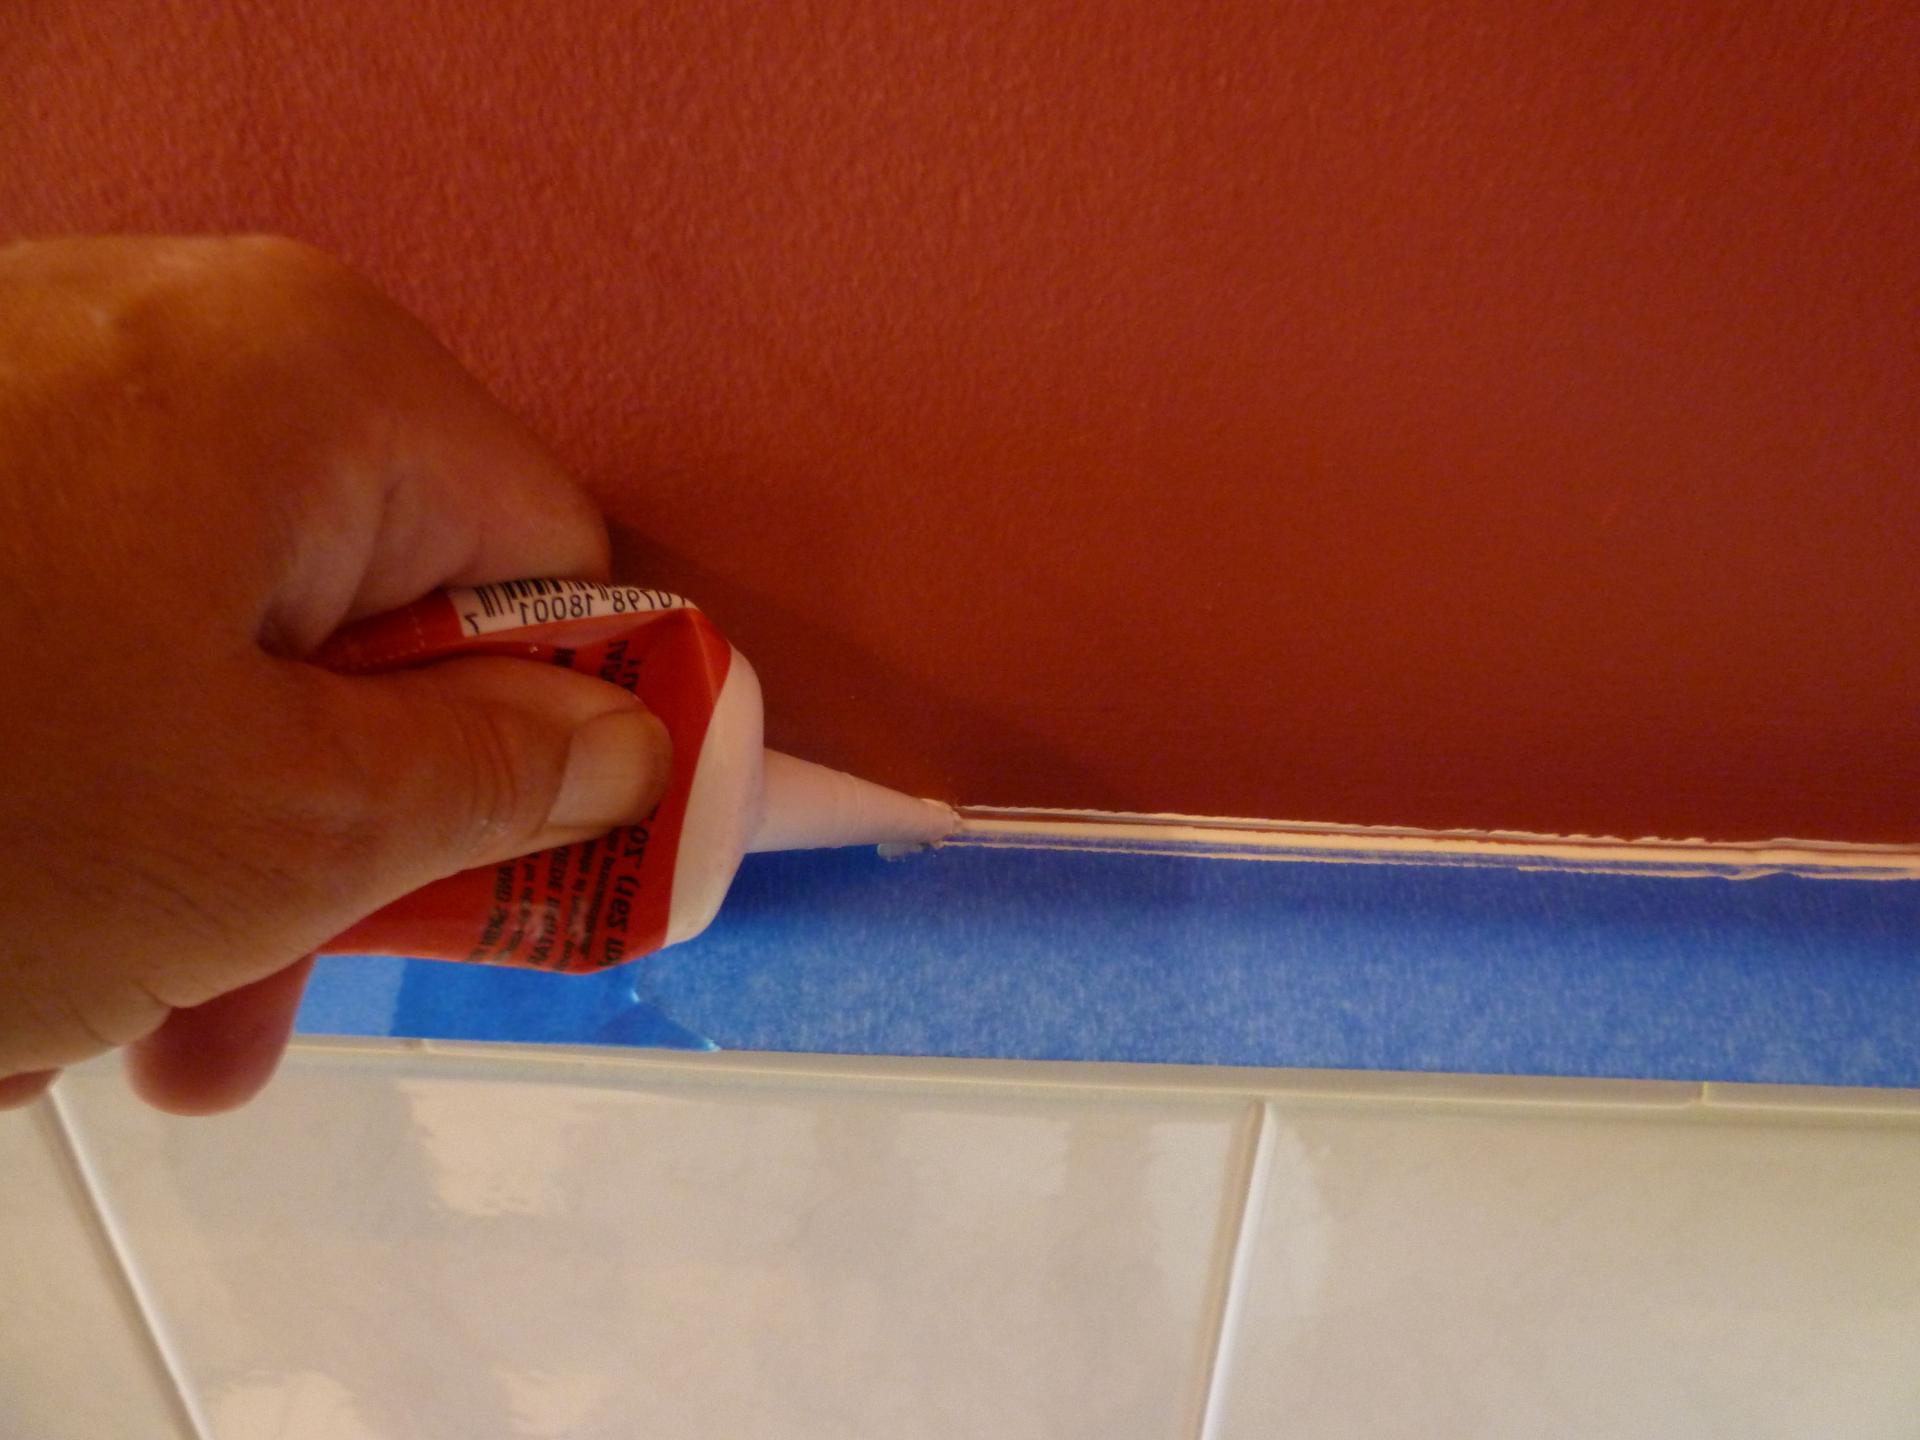 Заклеивание стыка между ванной и стеной